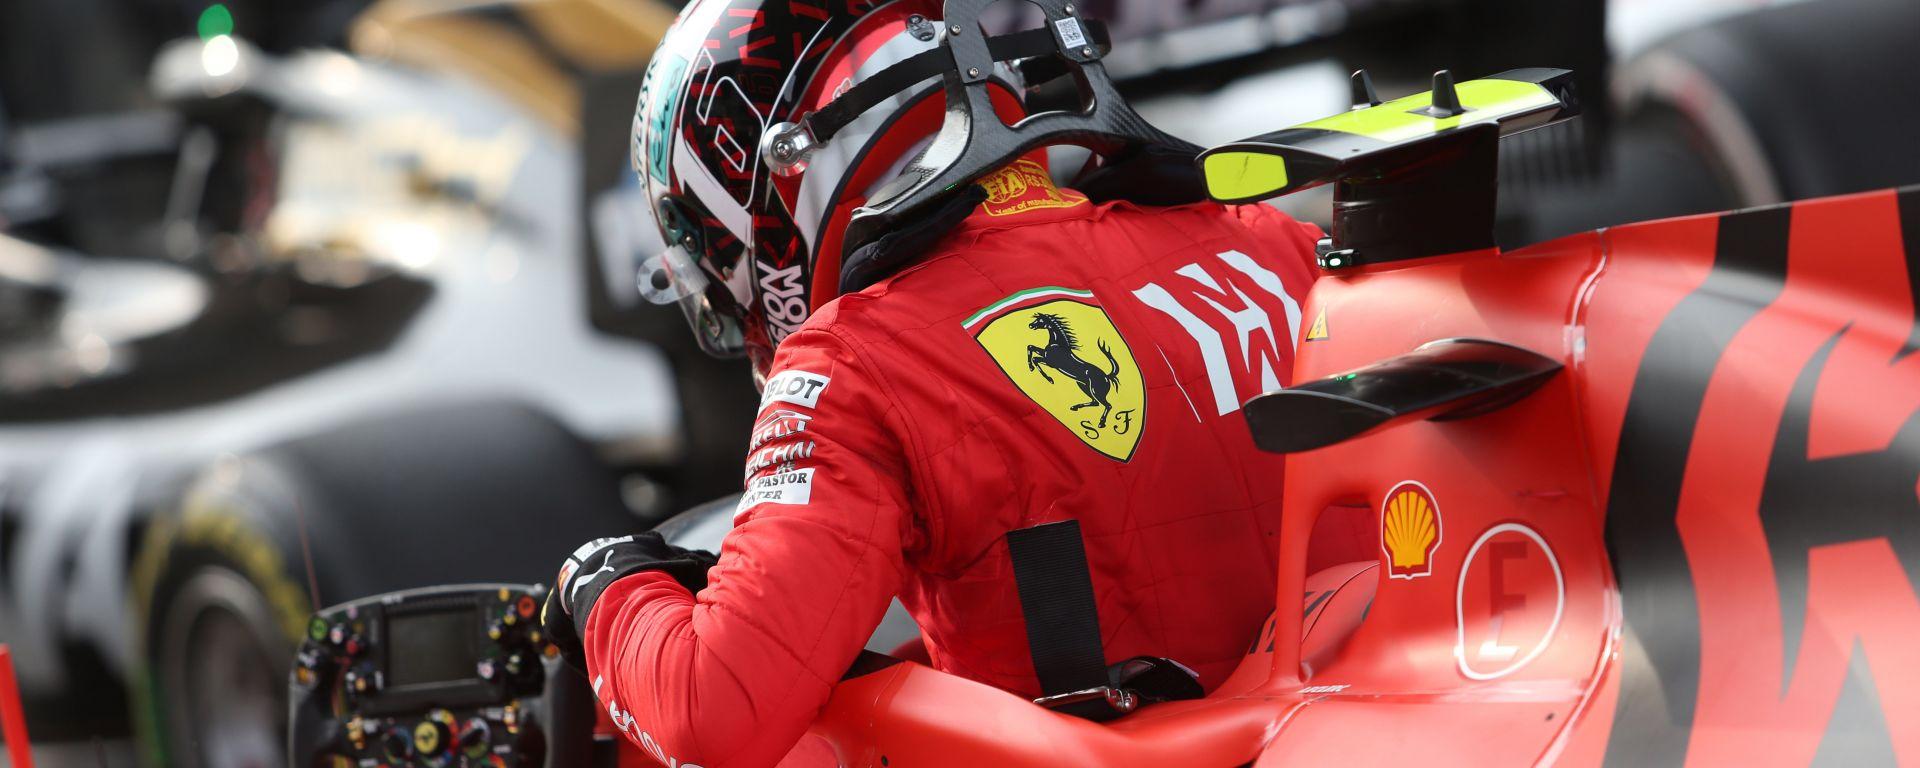 Dalle gomme al dualismo Vettel-Leclerc: Ferrari è un rompicapo